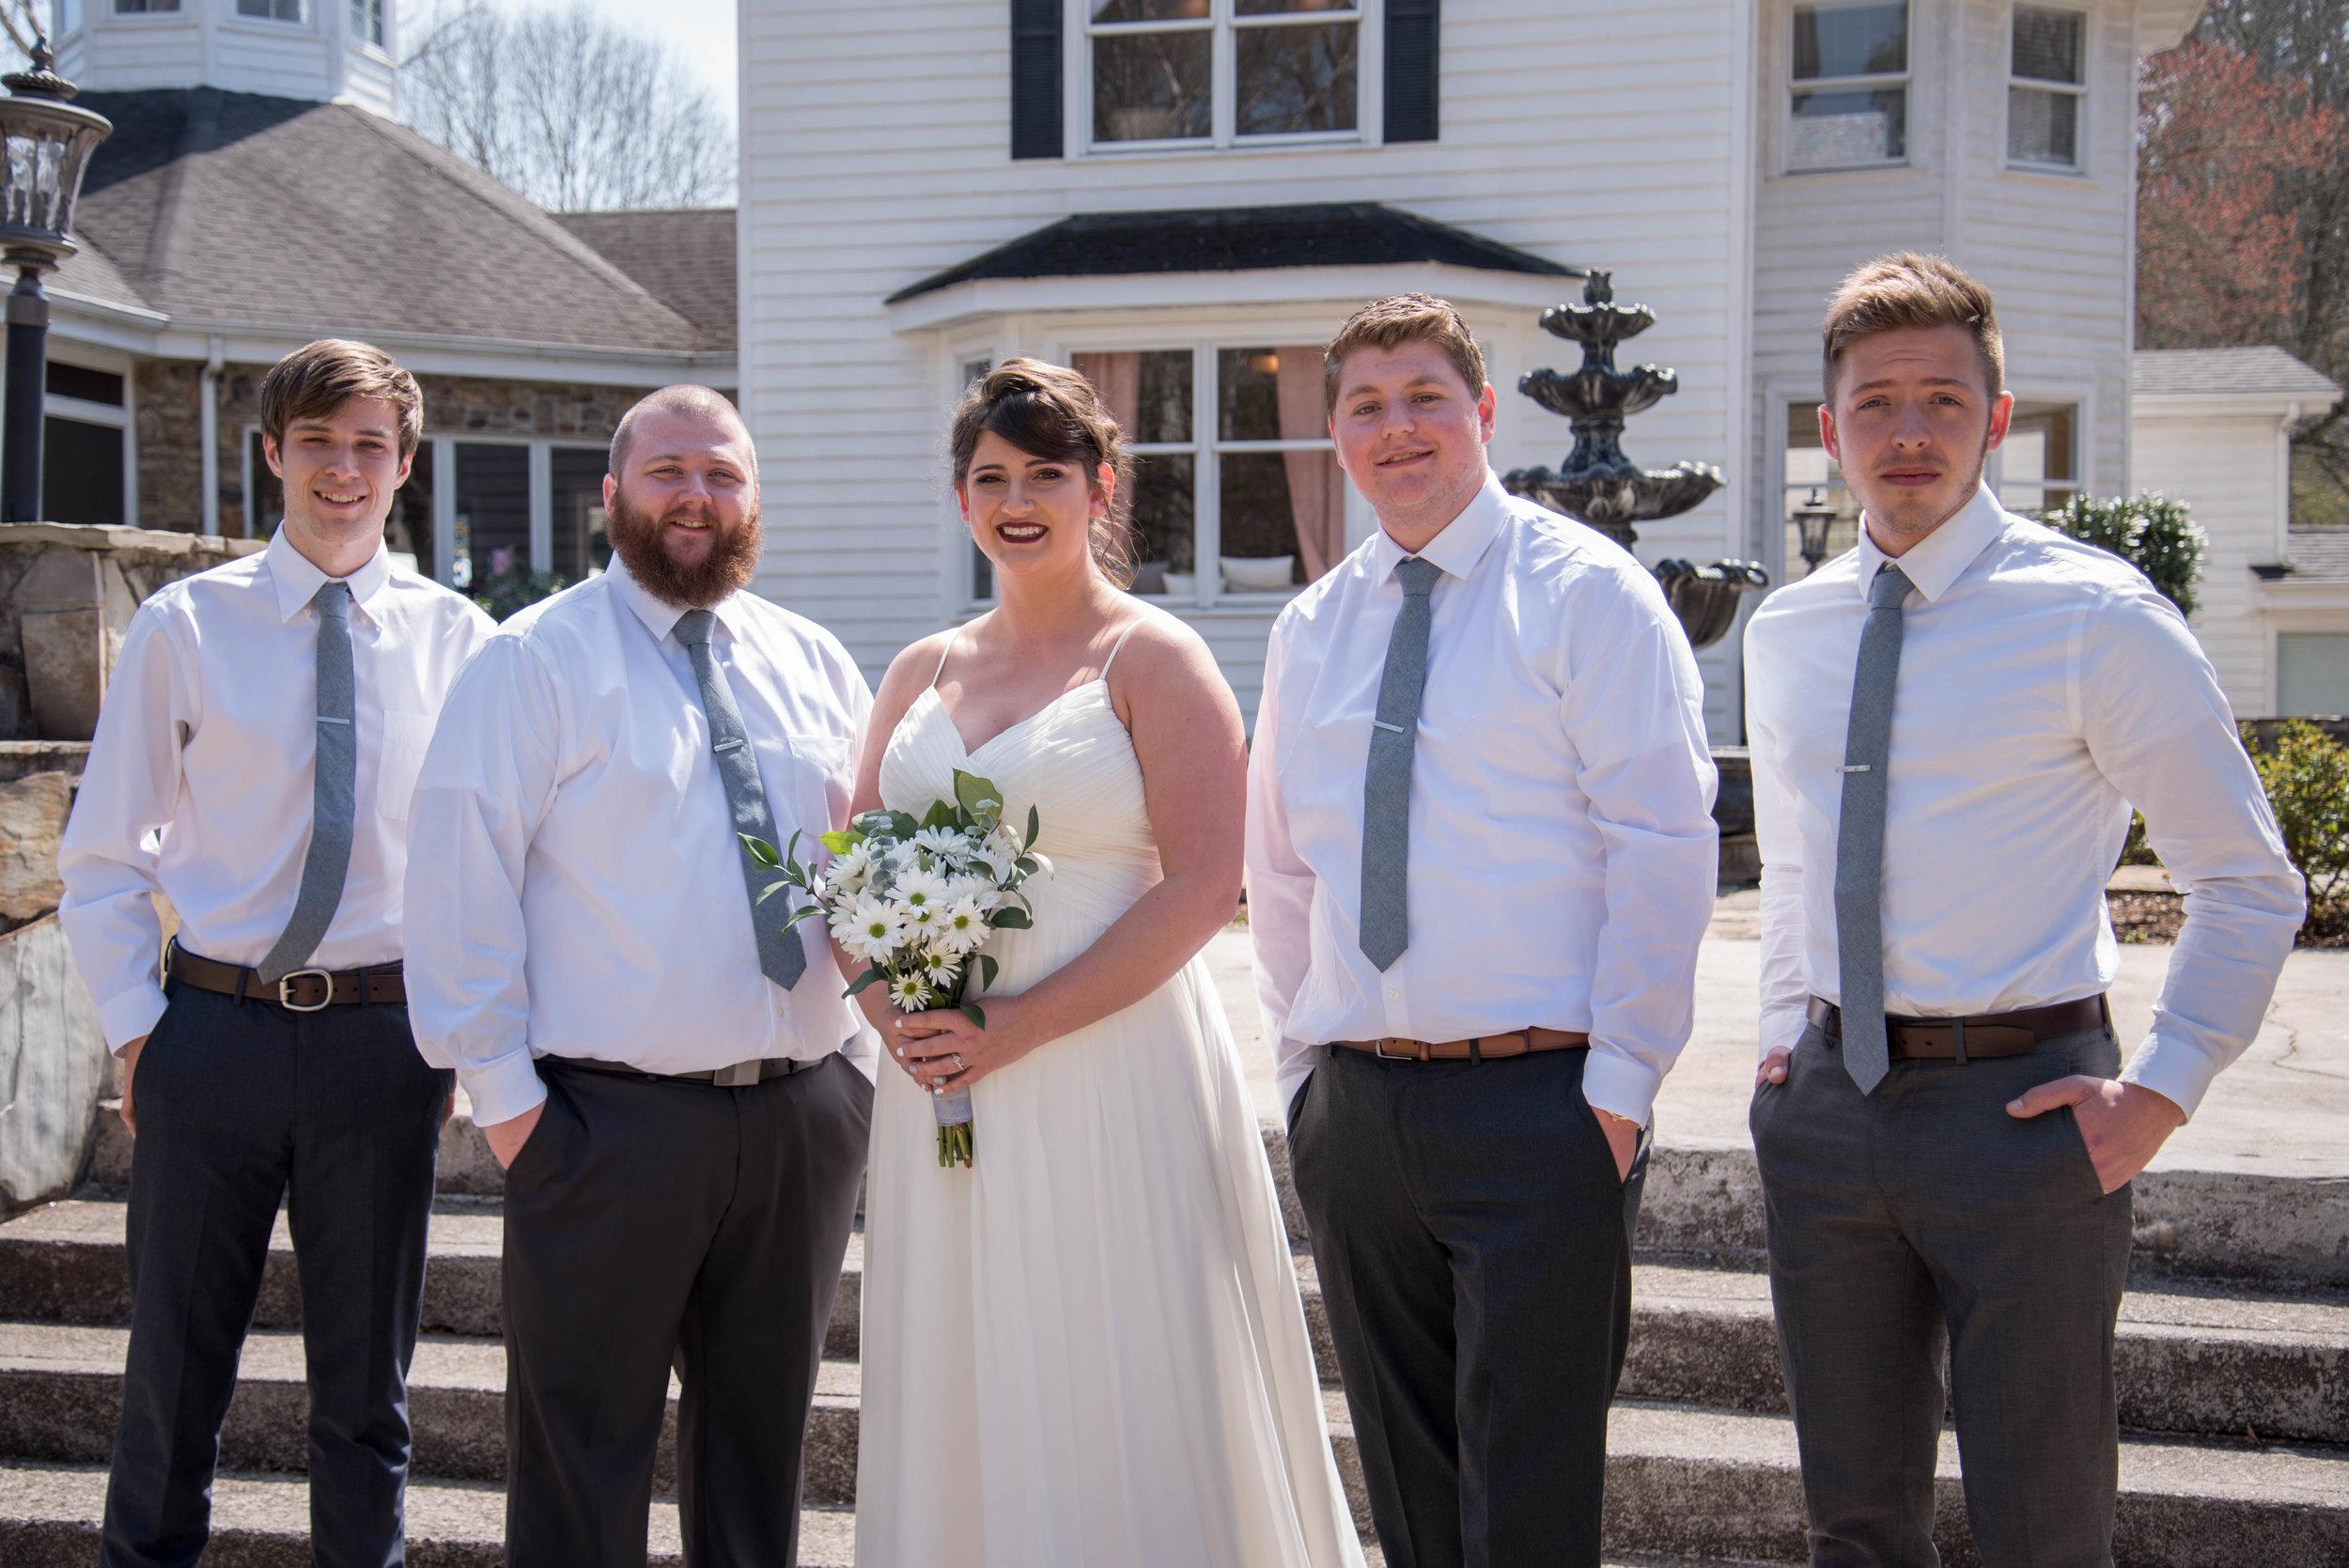 weddingparty-082.jpg